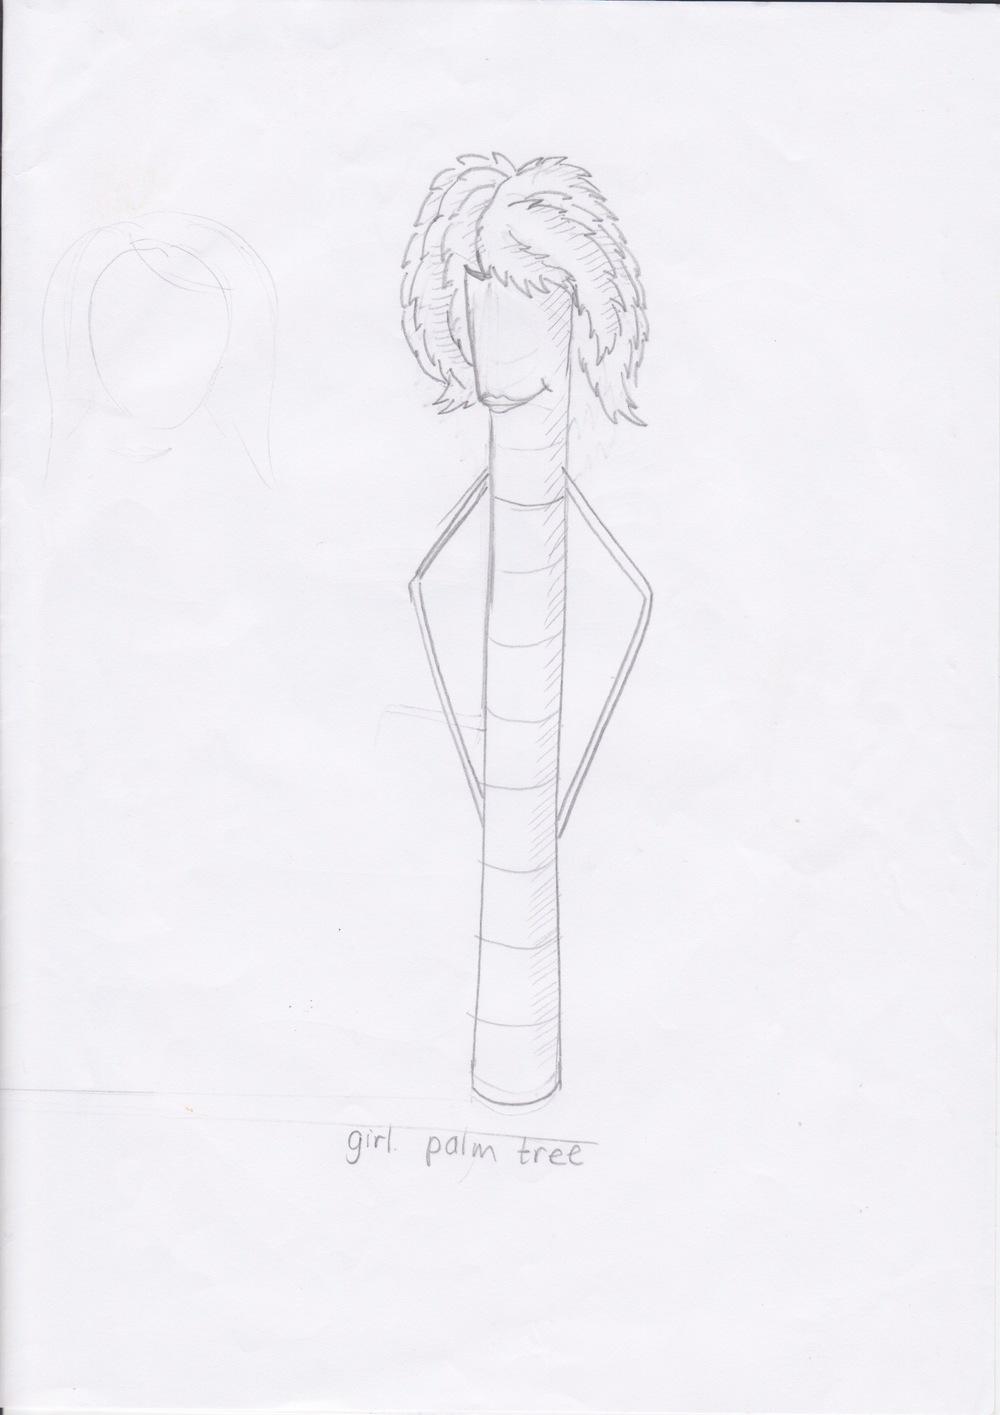 Character design for desert oasispalm tree (female)